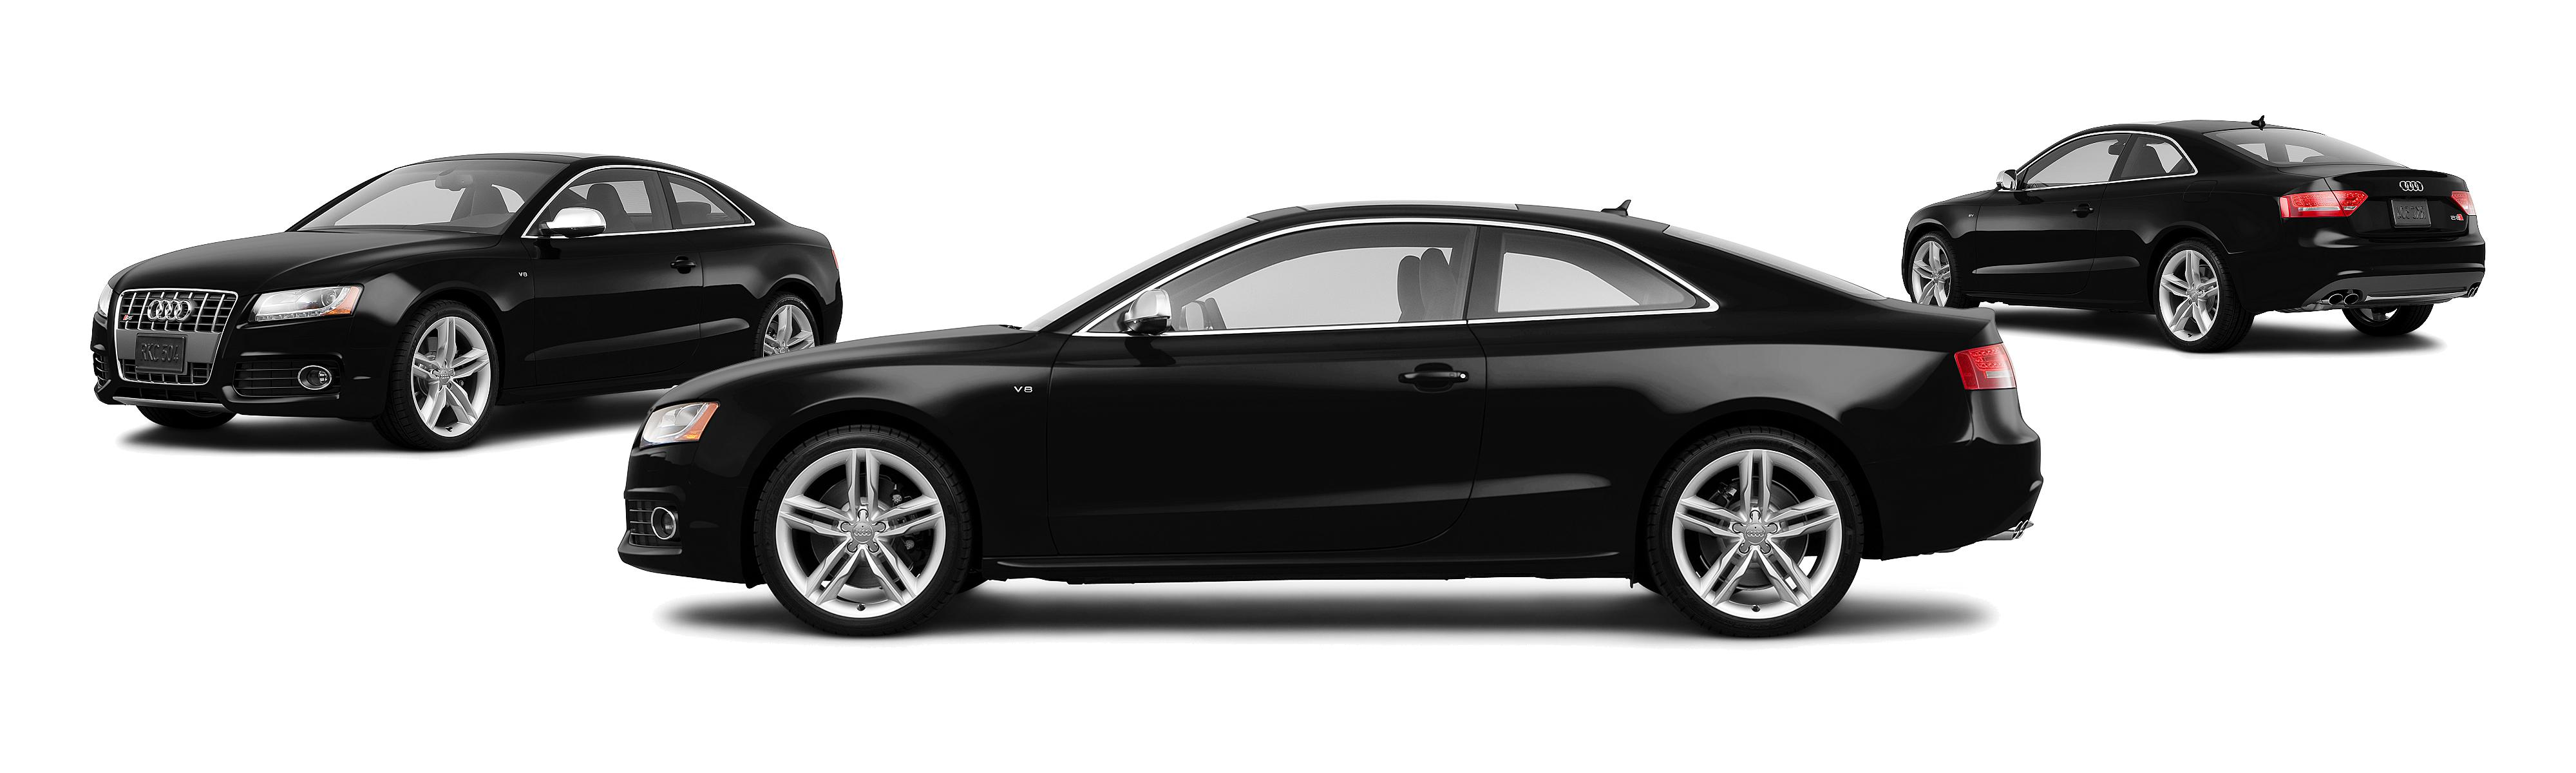 2011 Audi S5 AWD 4 2 quattro Prestige 2dr Coupe 6A Research